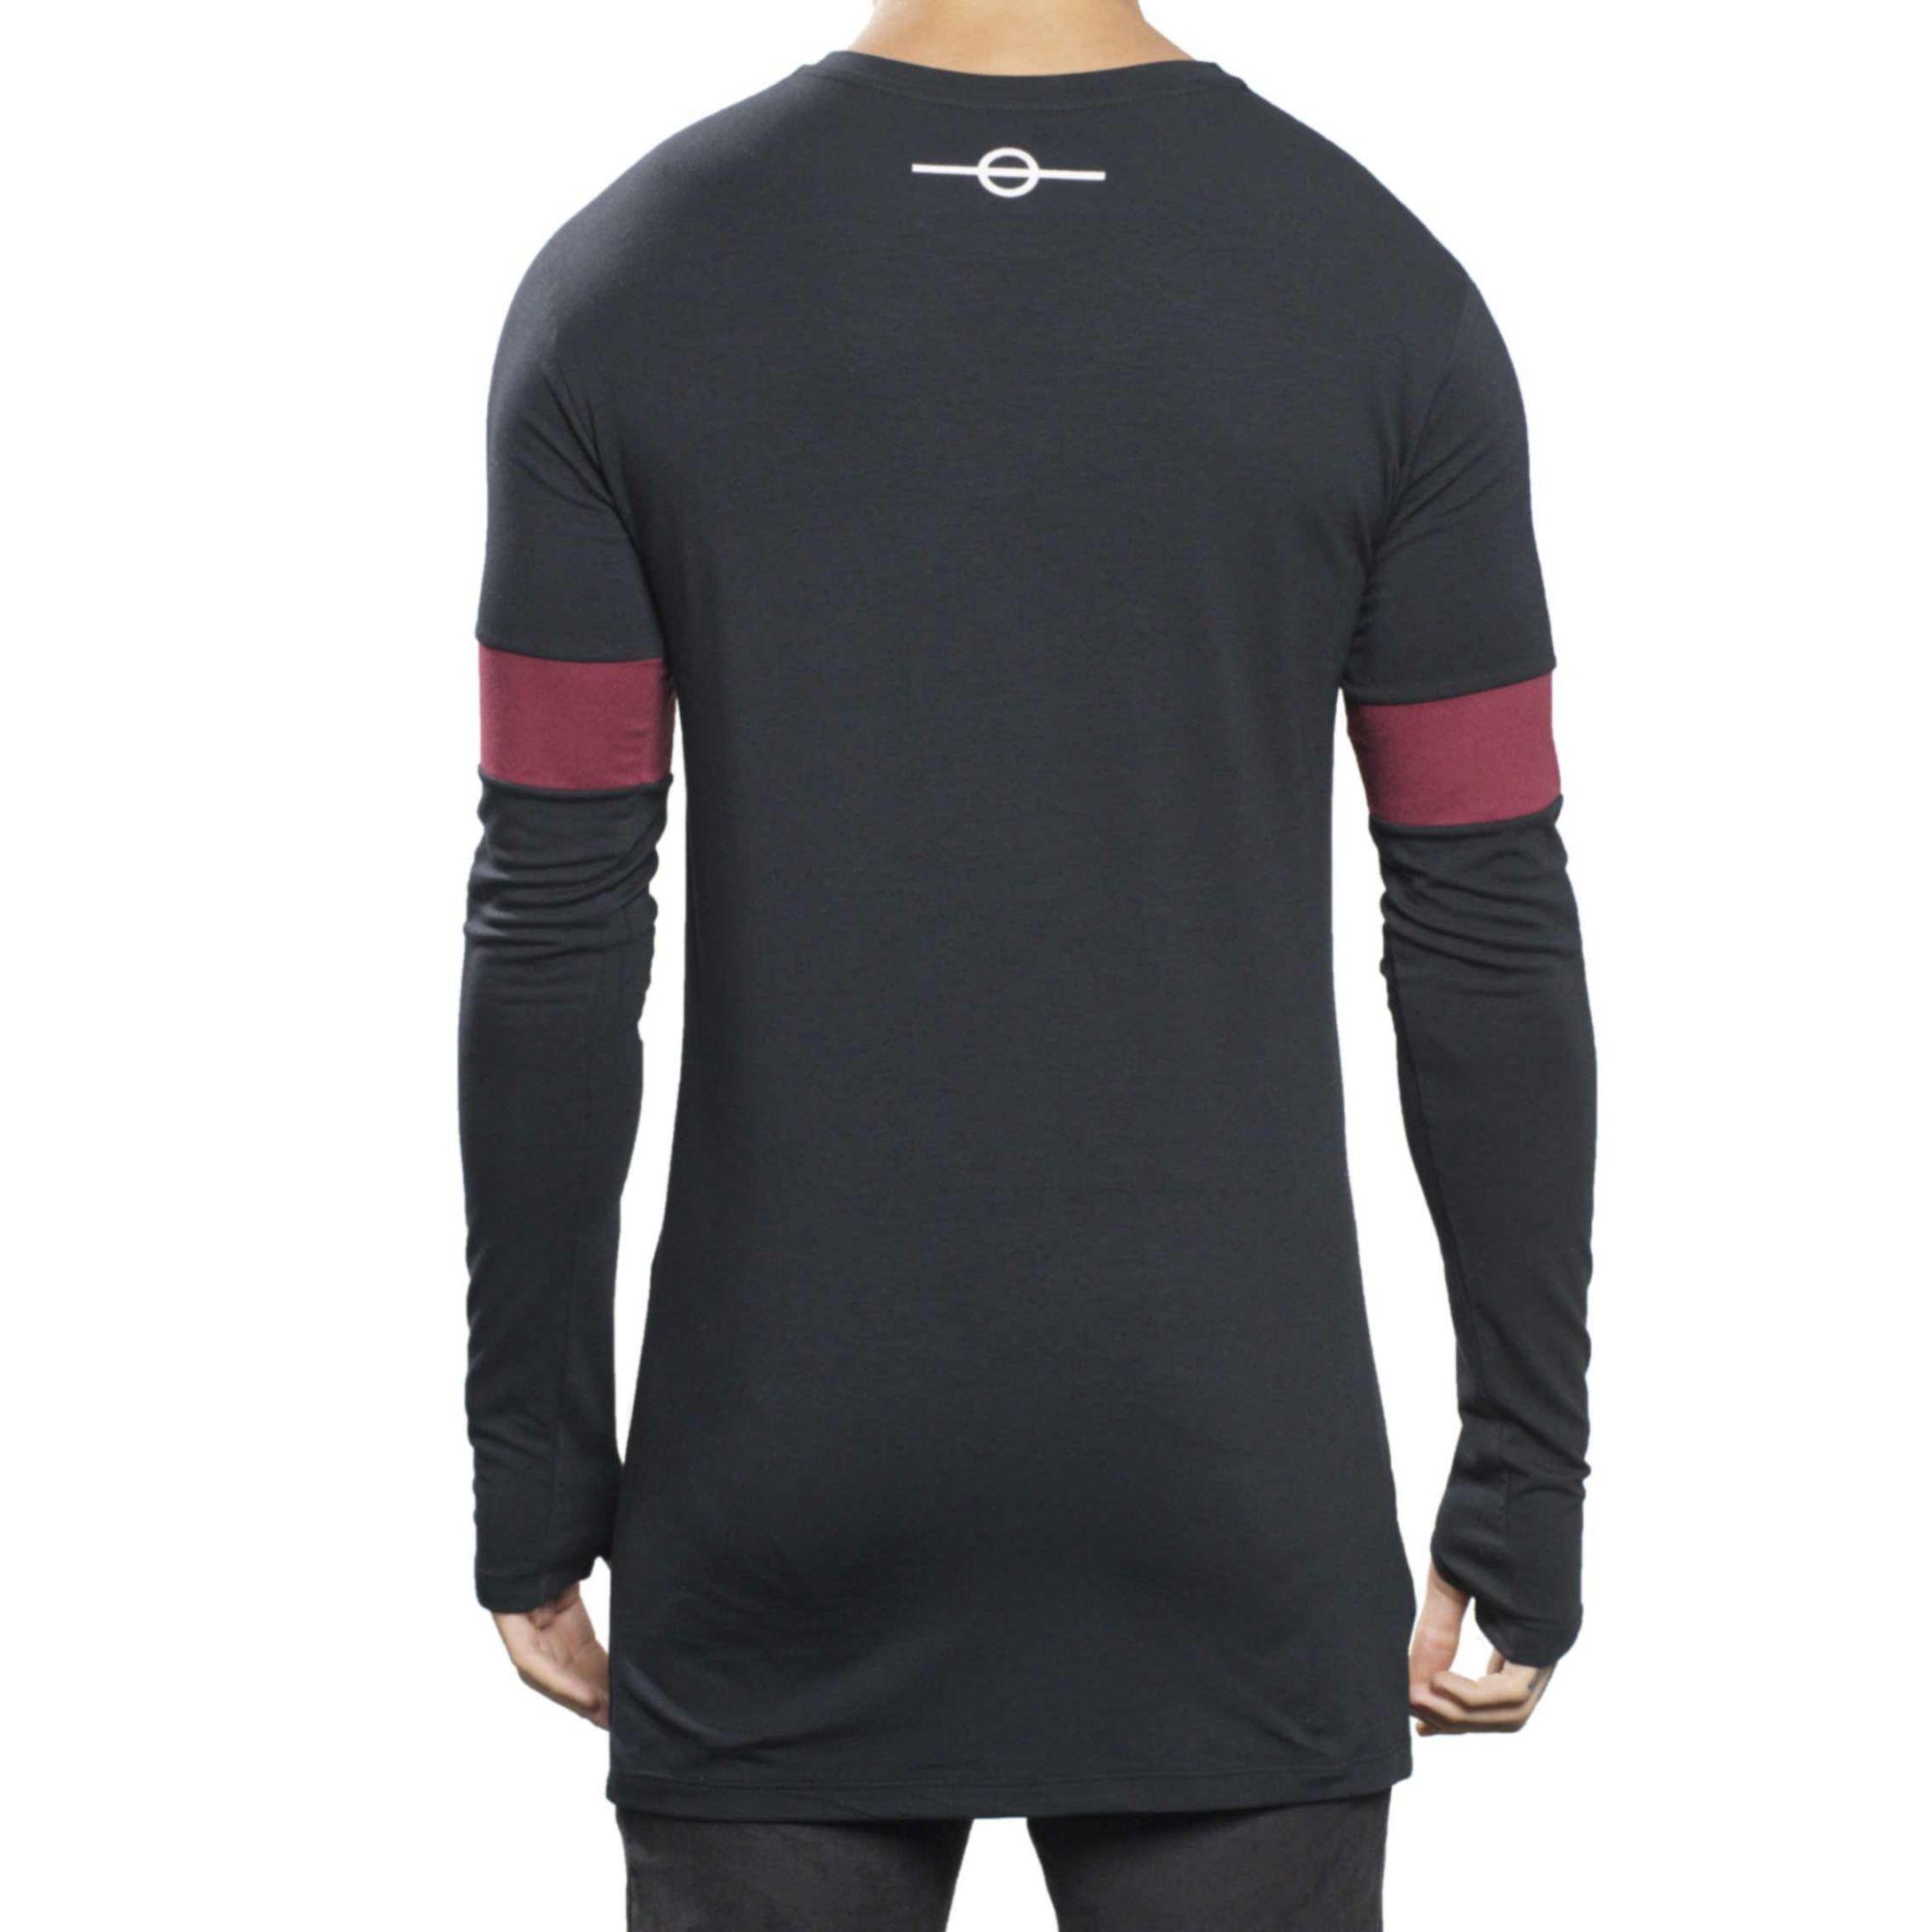 Camiseta Buh Manga Longa Faixa Black